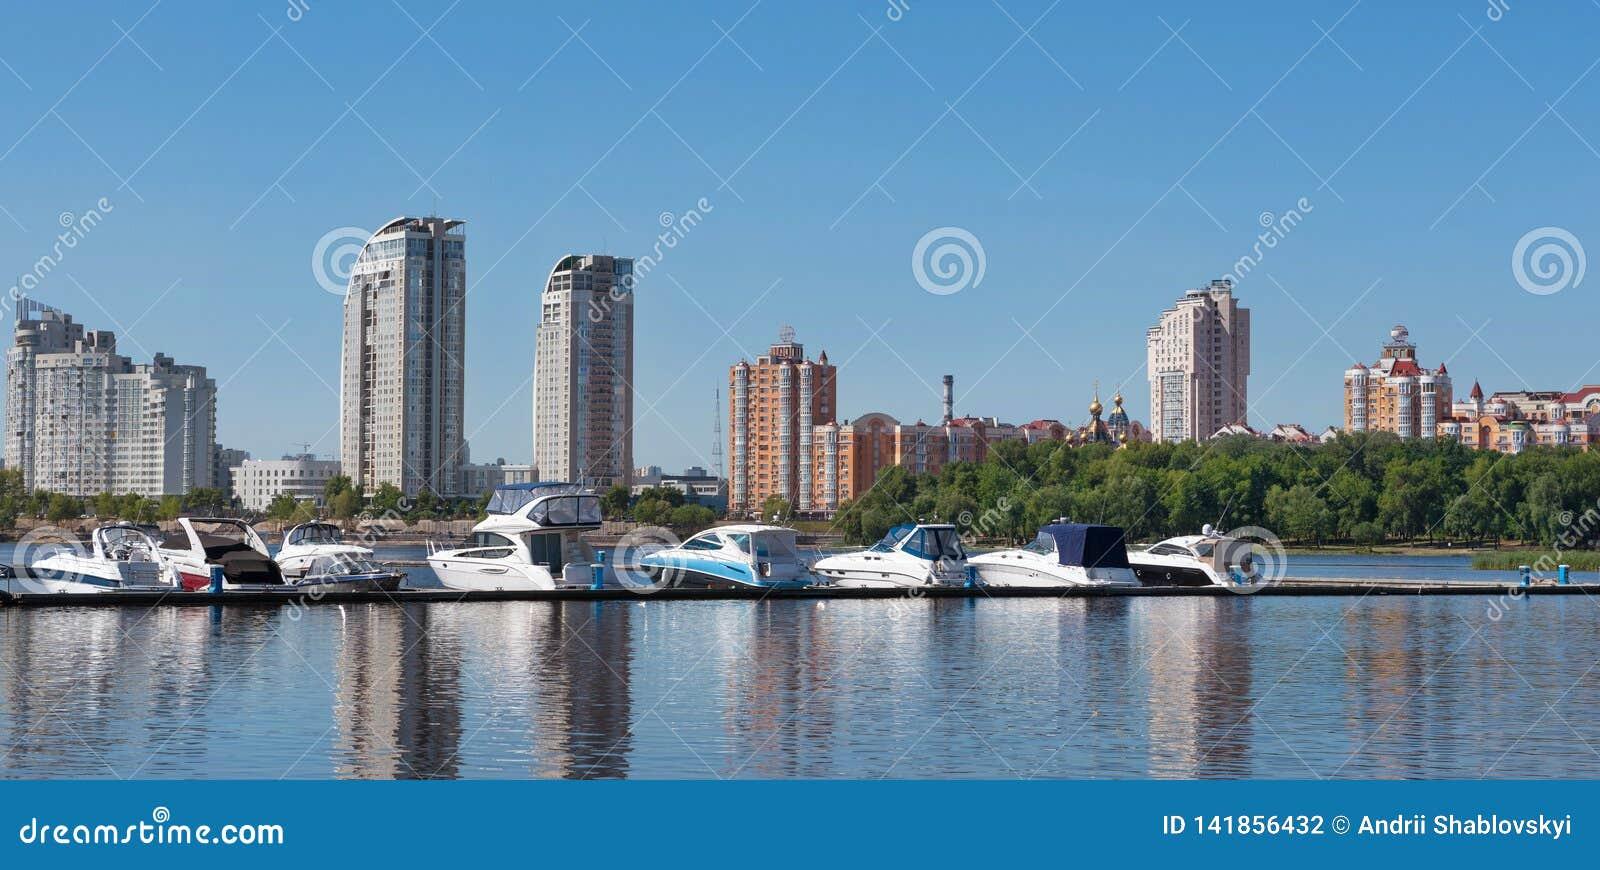 Киев, Украина - 1-ое июня 2018: Плавать яхты и частные шлюпки на пристани в реке яхты в заливе в речном порте в